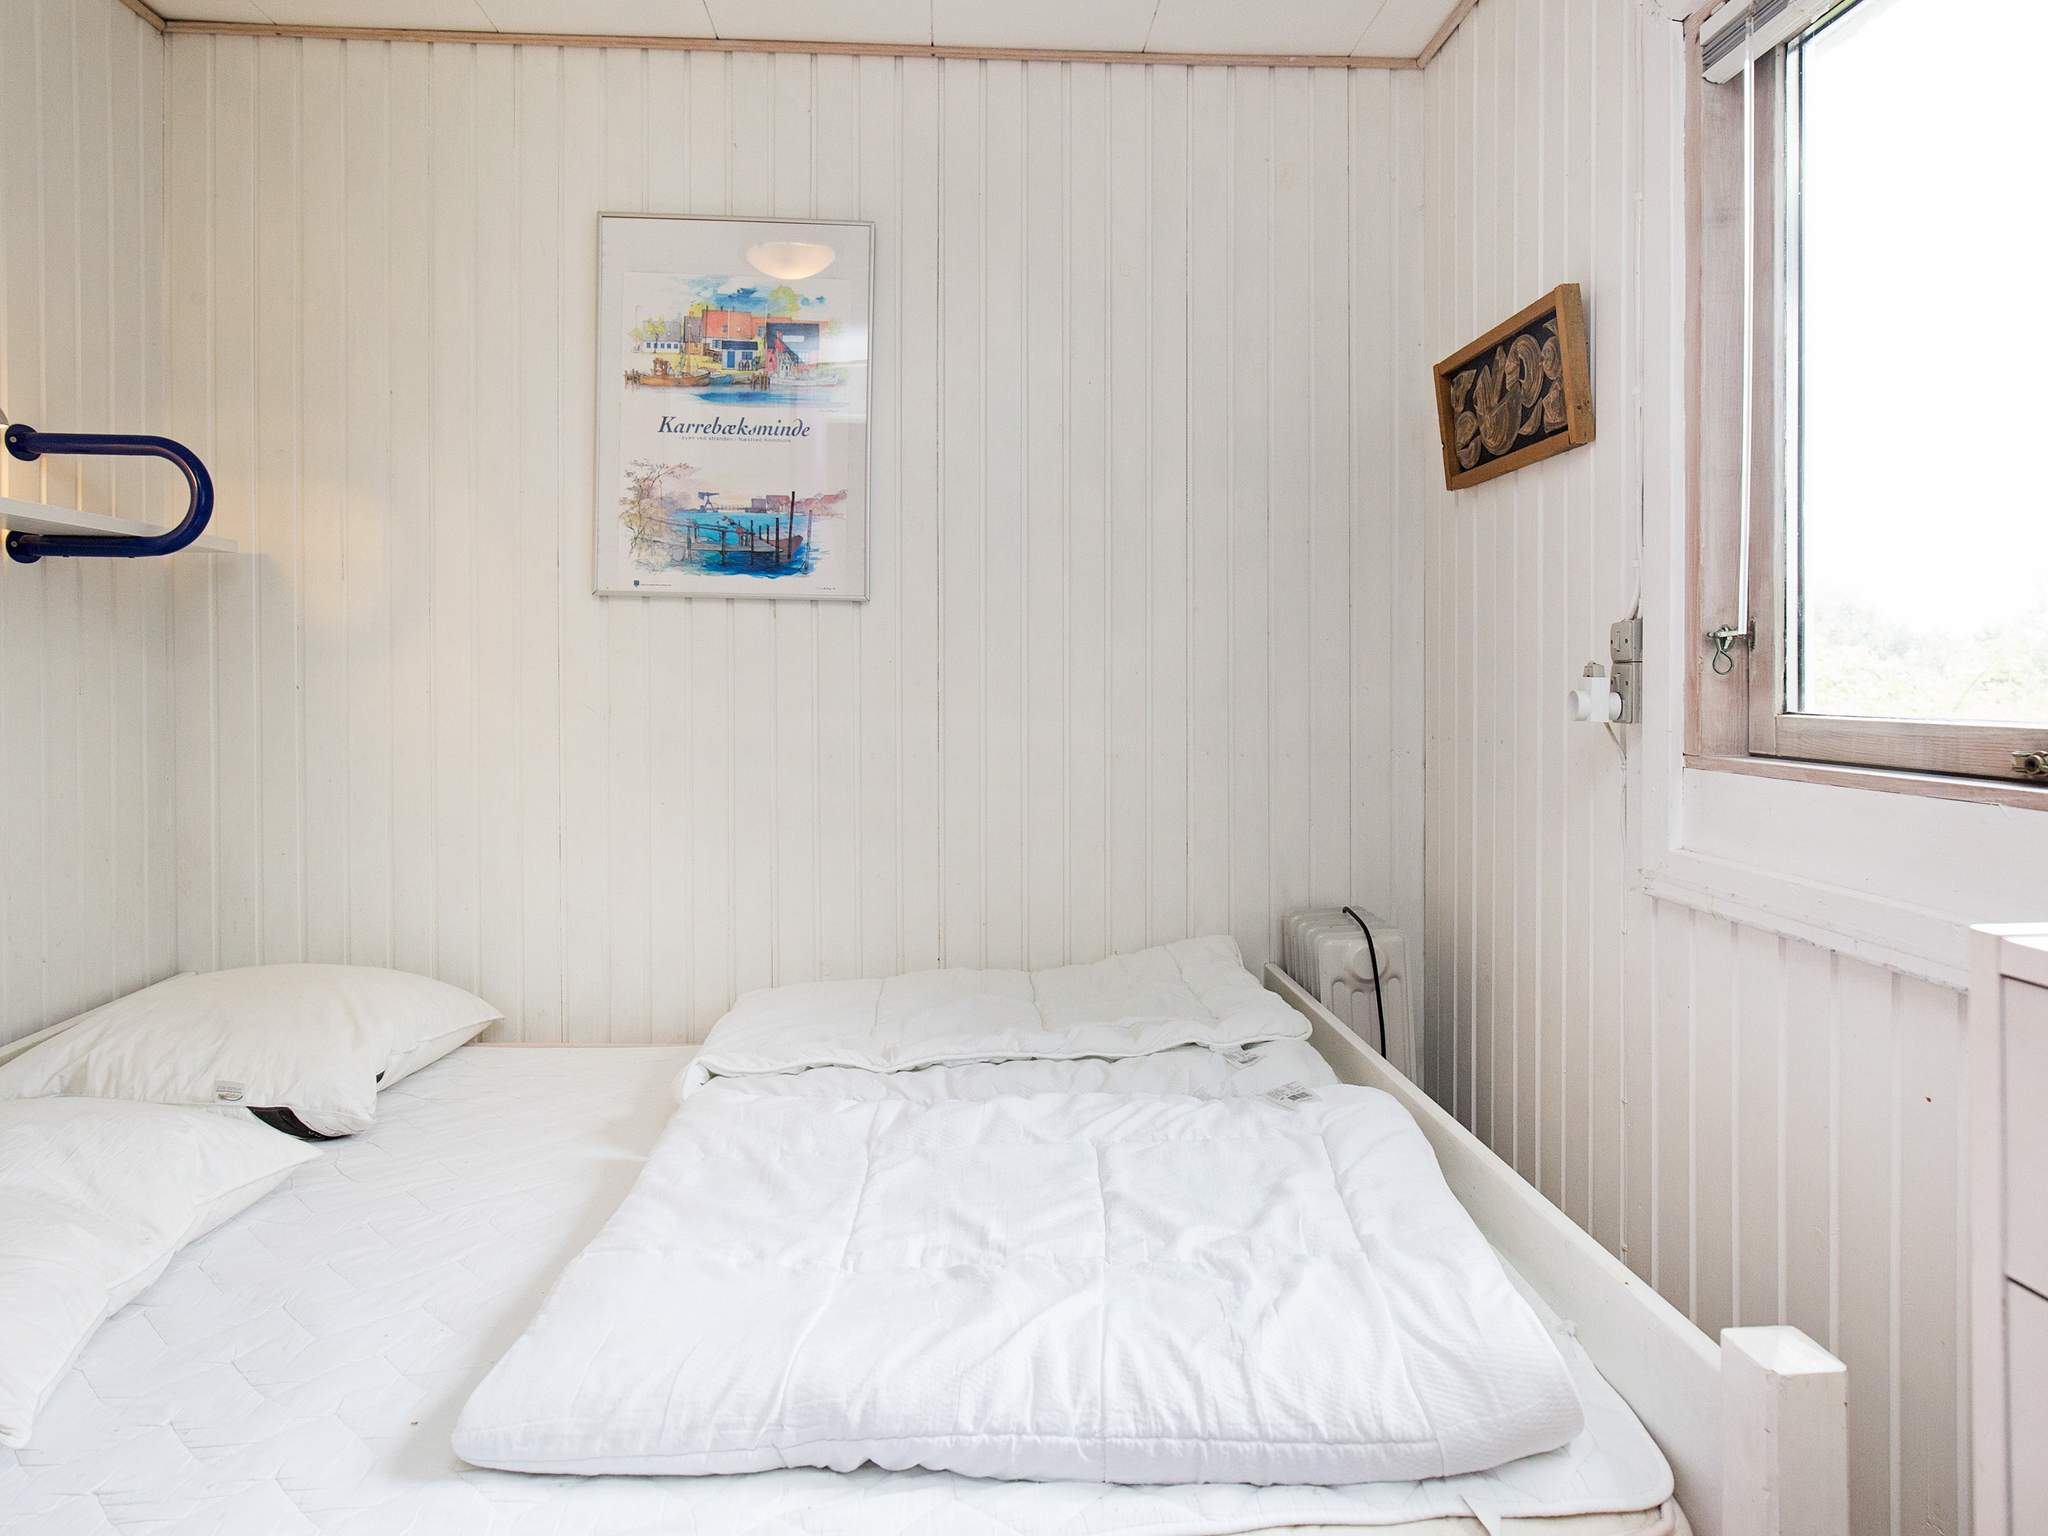 Ferienhaus Enø (85461), Karrebæksminde, , Südseeland, Dänemark, Bild 6